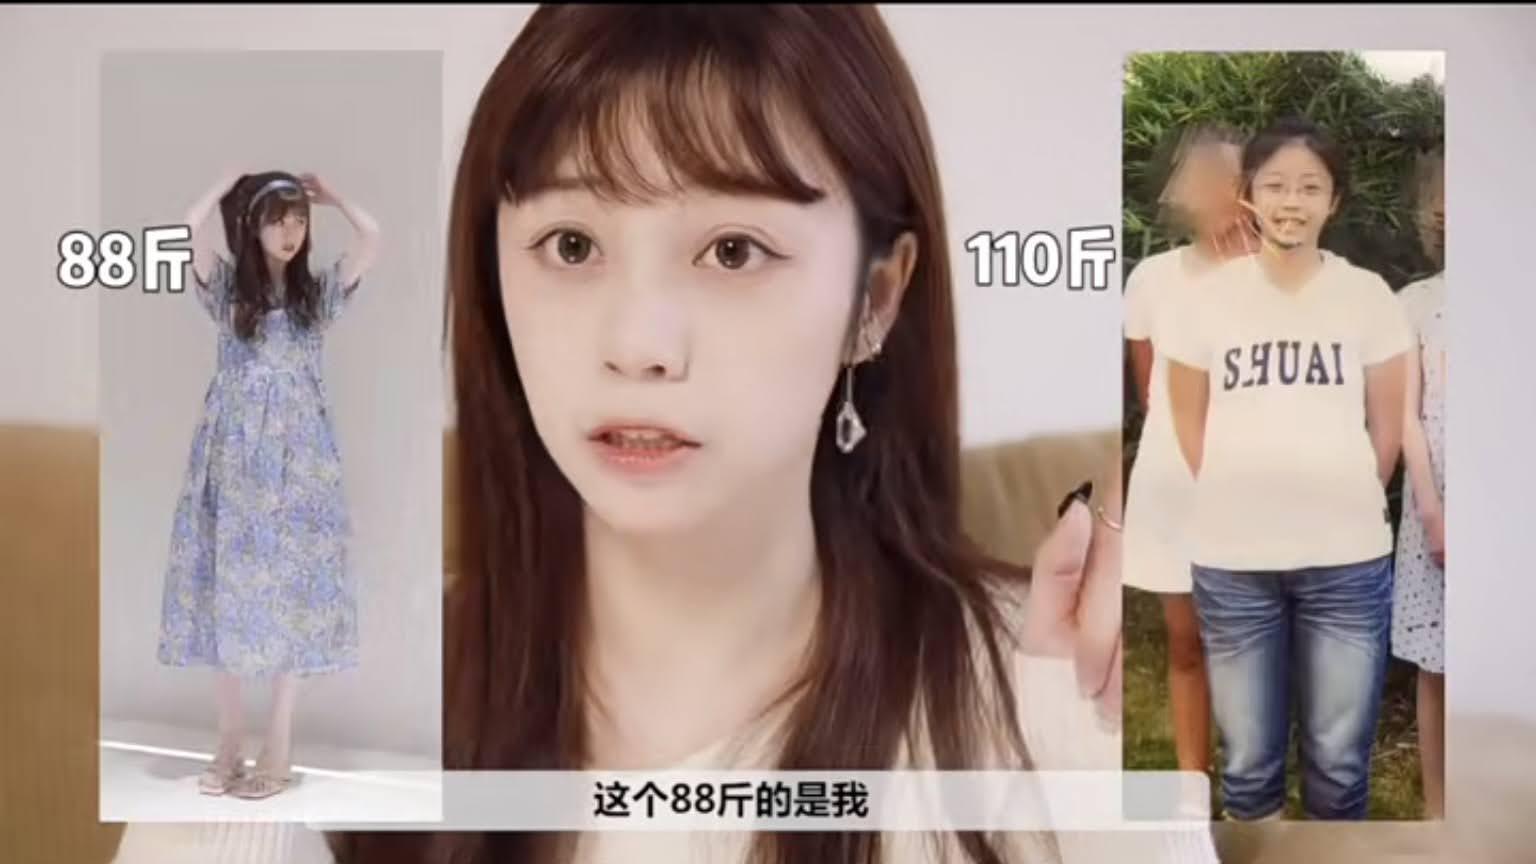 Cô người mẫu mạng chia sẻ cách giảm 10kg với 9 tips dễ ợt mà bạn có thể thử nghiệm ngay - Ảnh 1.